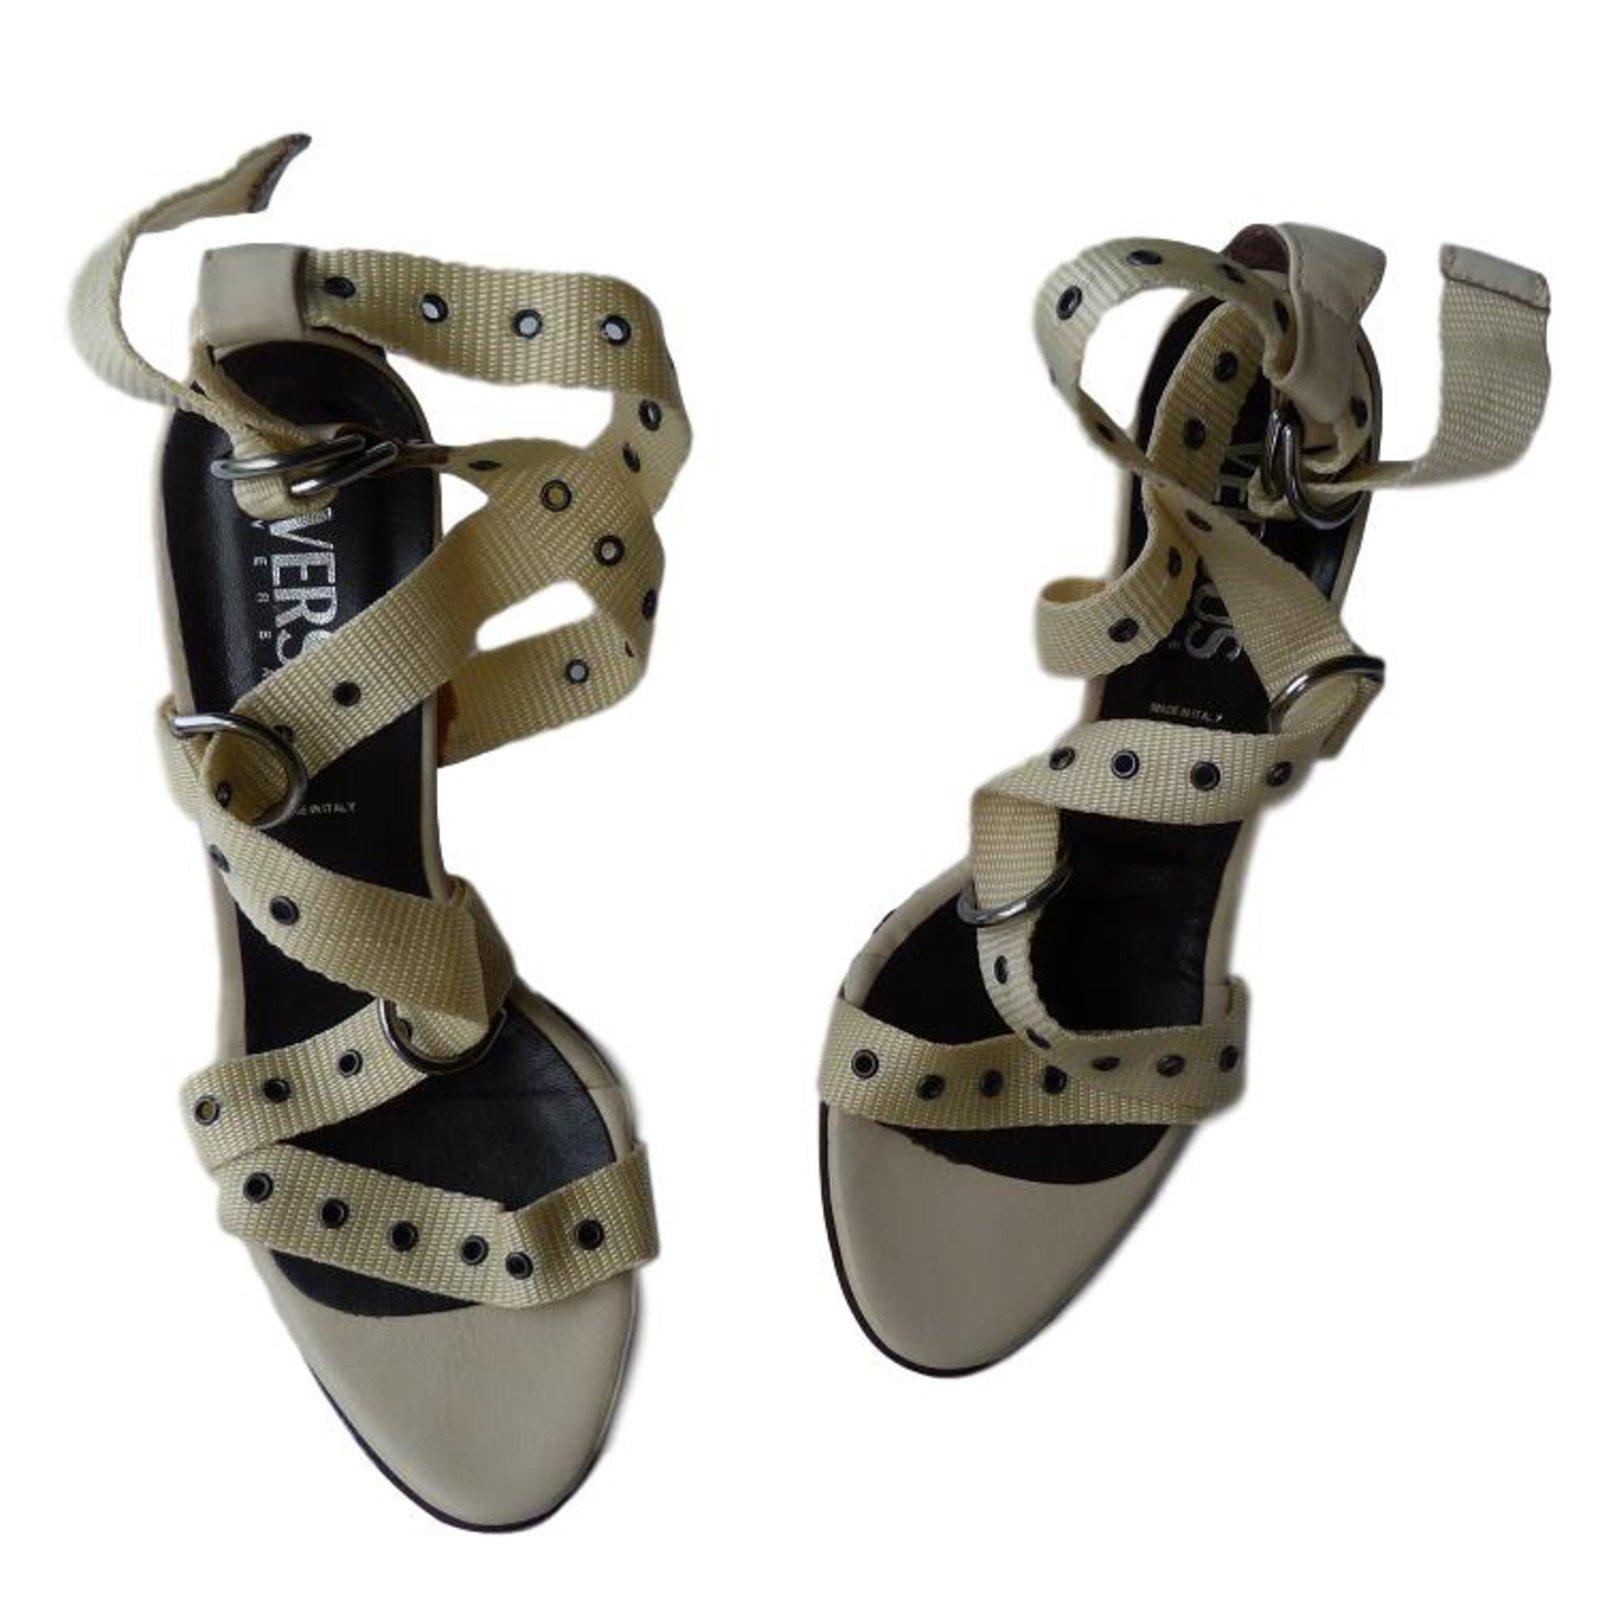 eaef6c2b5ae1b Sandales Versace Sandales Toile Noir,Beige ref.71704 - Joli Closet